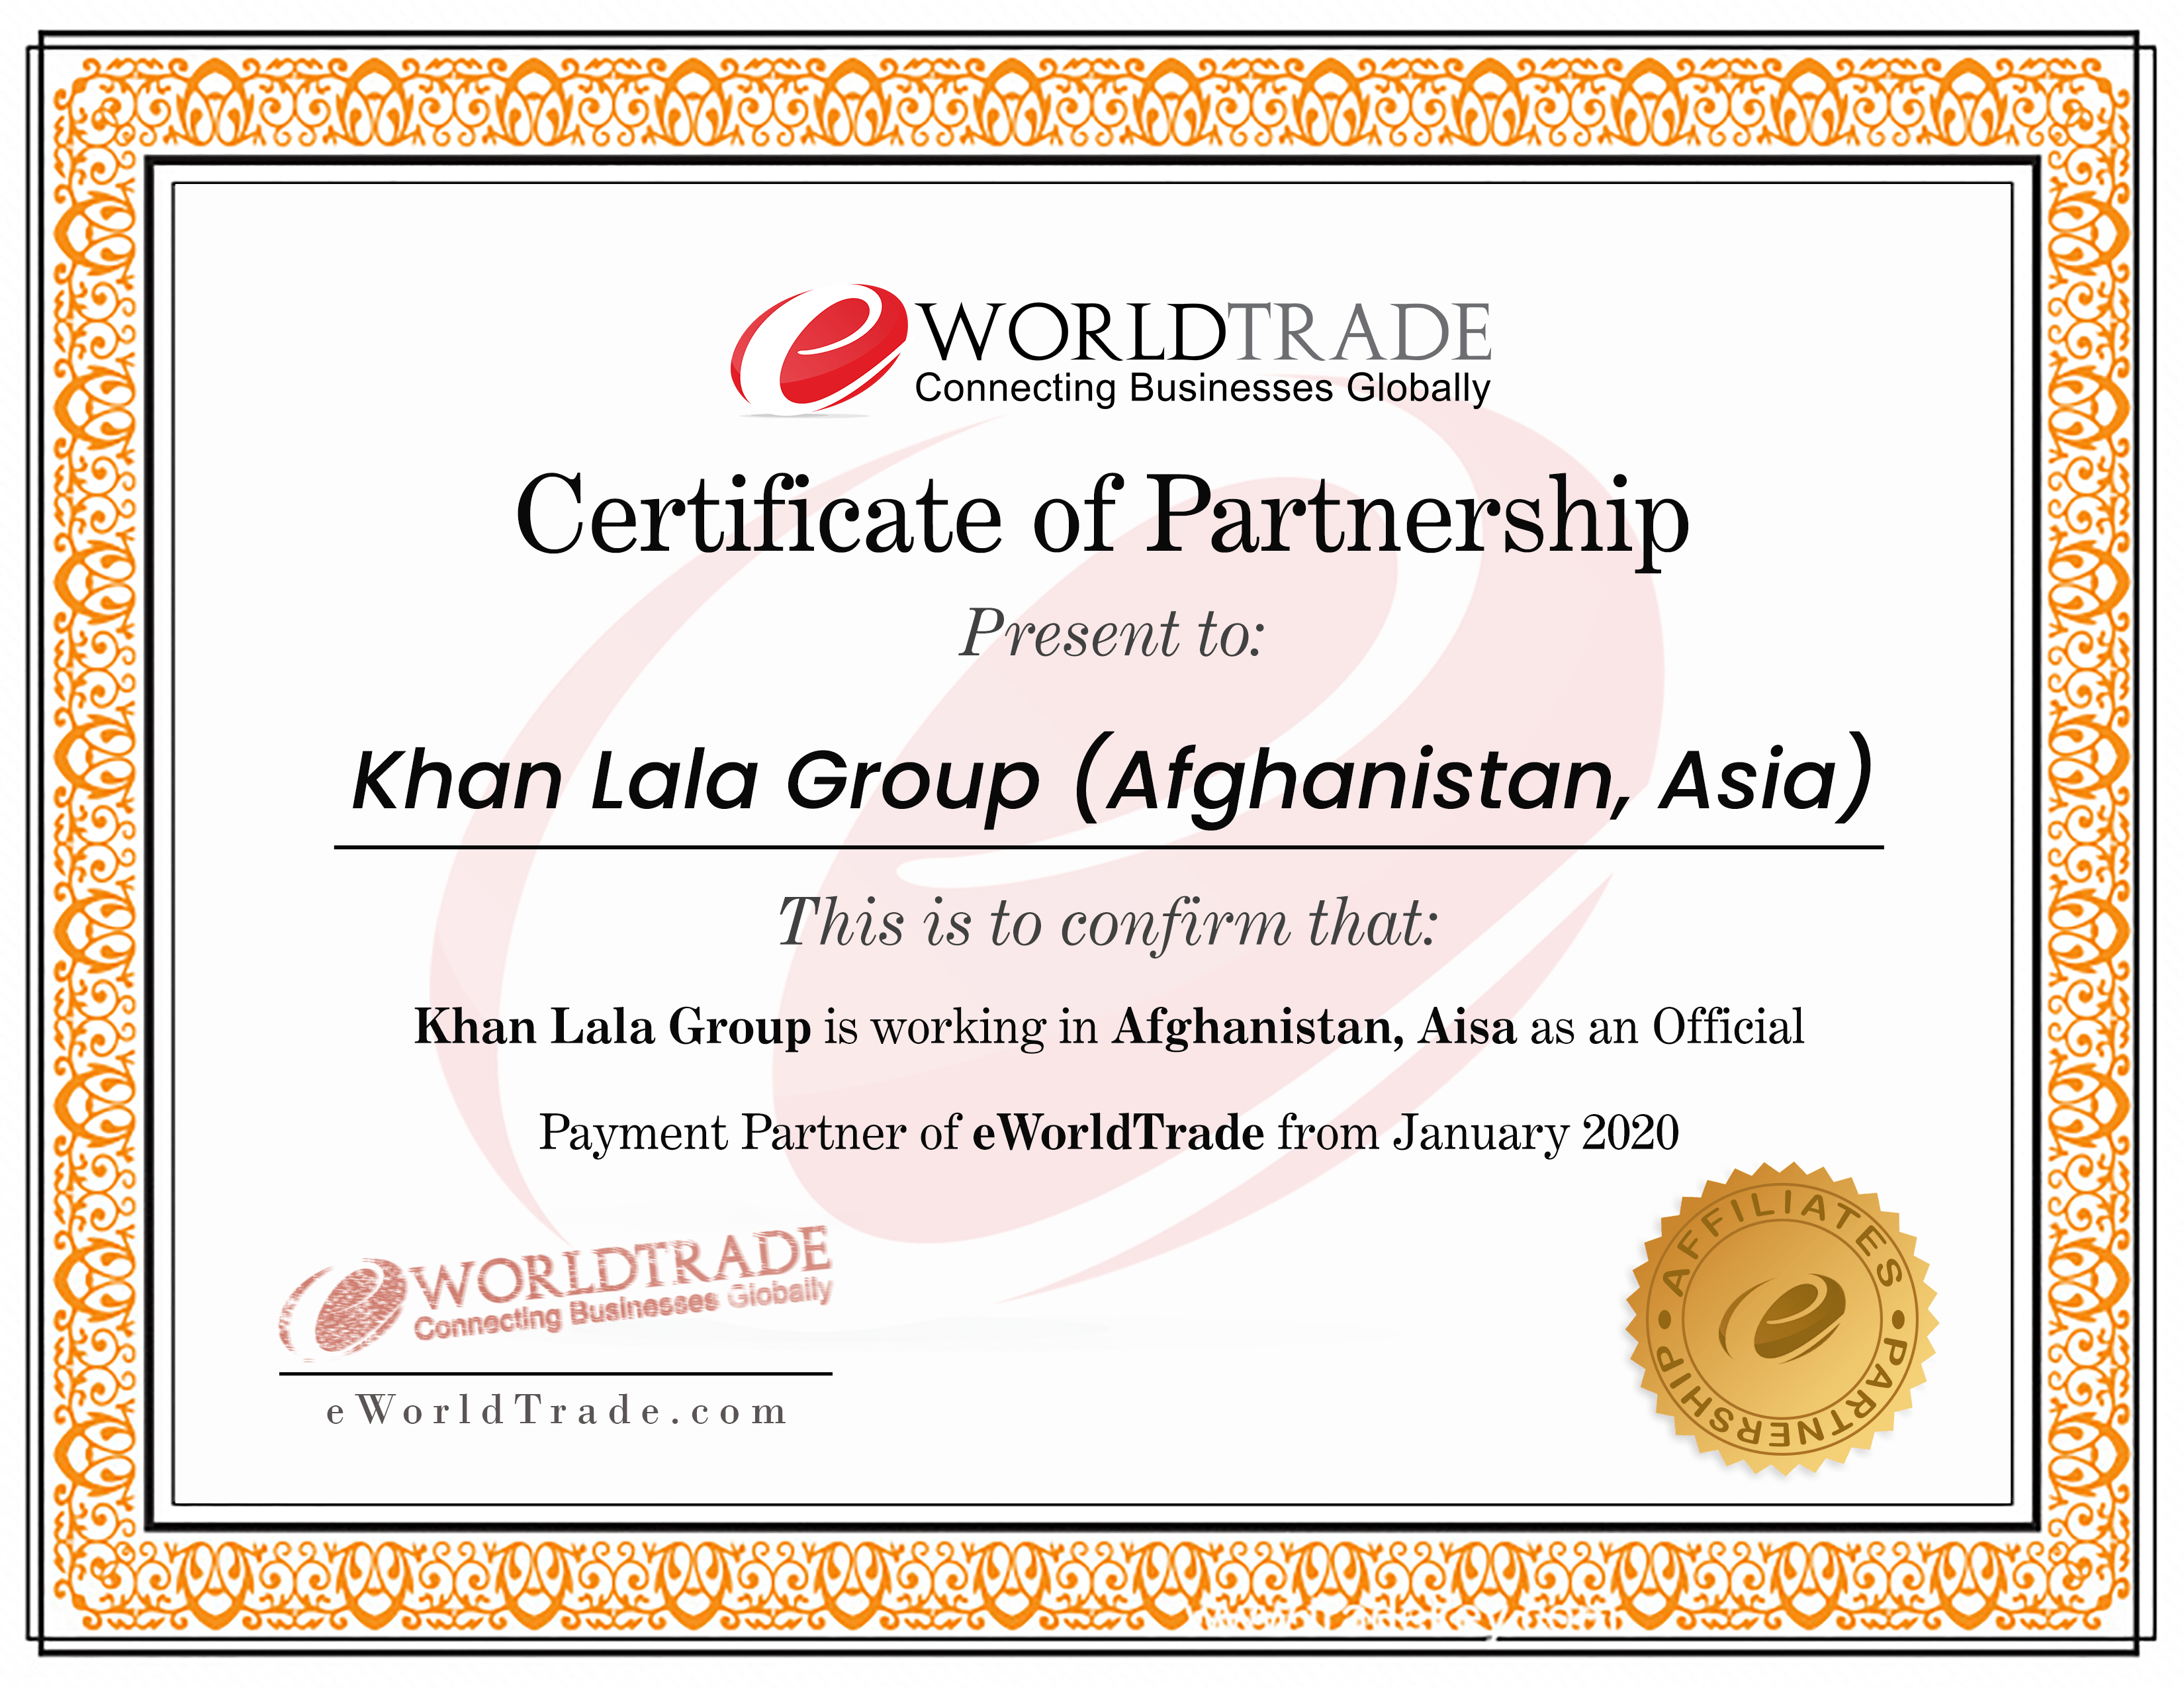 Khan lala Group